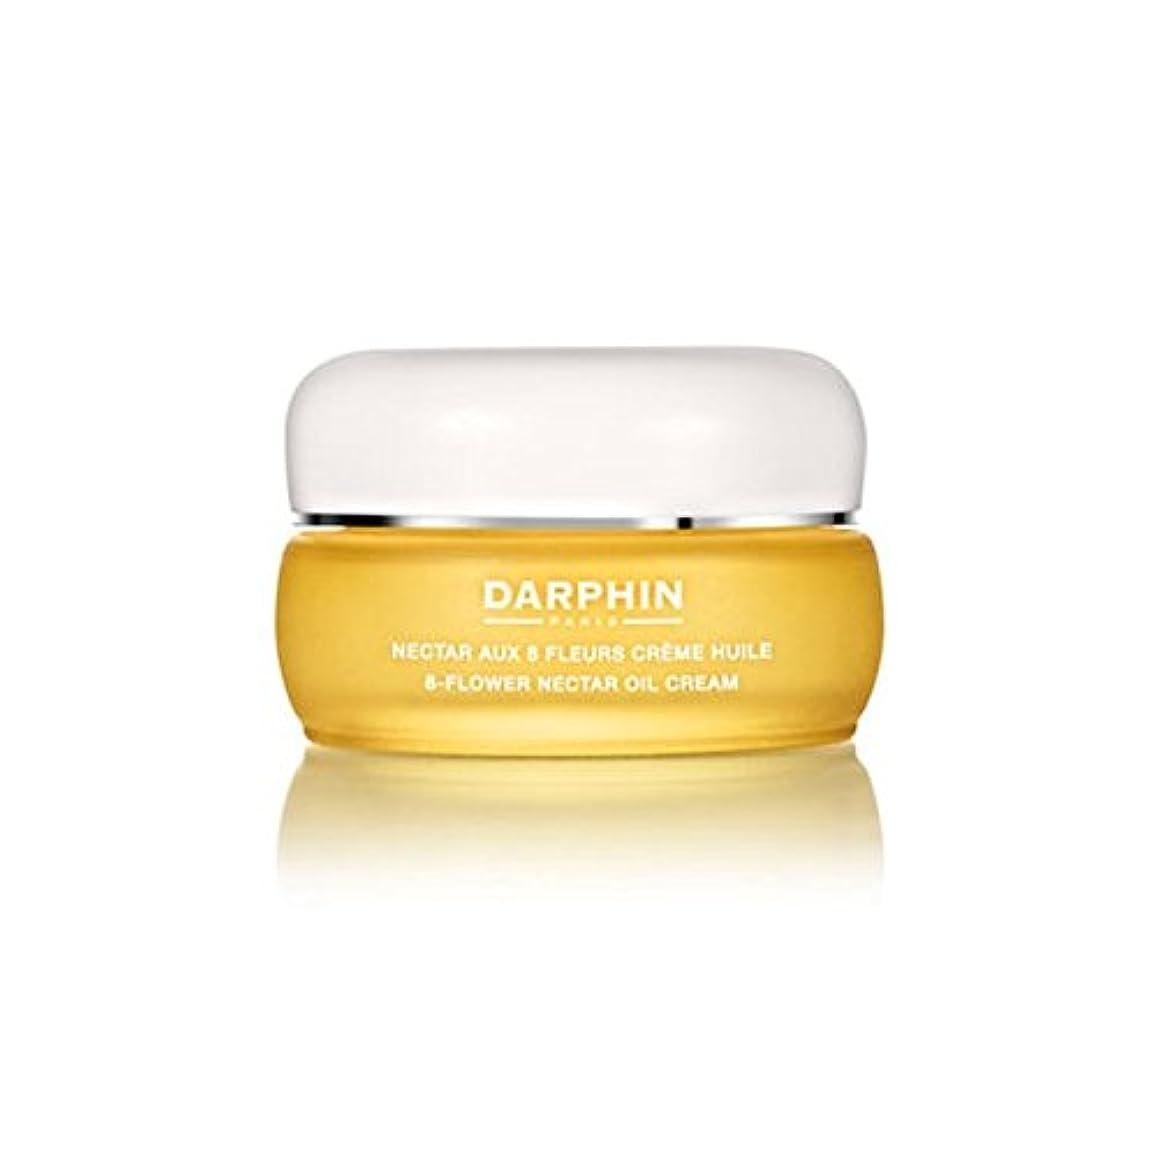 アンケート立ち向かう誰のダルファン8フラワー油クリーム(30ミリリットル) x2 - Darphin 8-Flower Oil Cream (30ml) (Pack of 2) [並行輸入品]